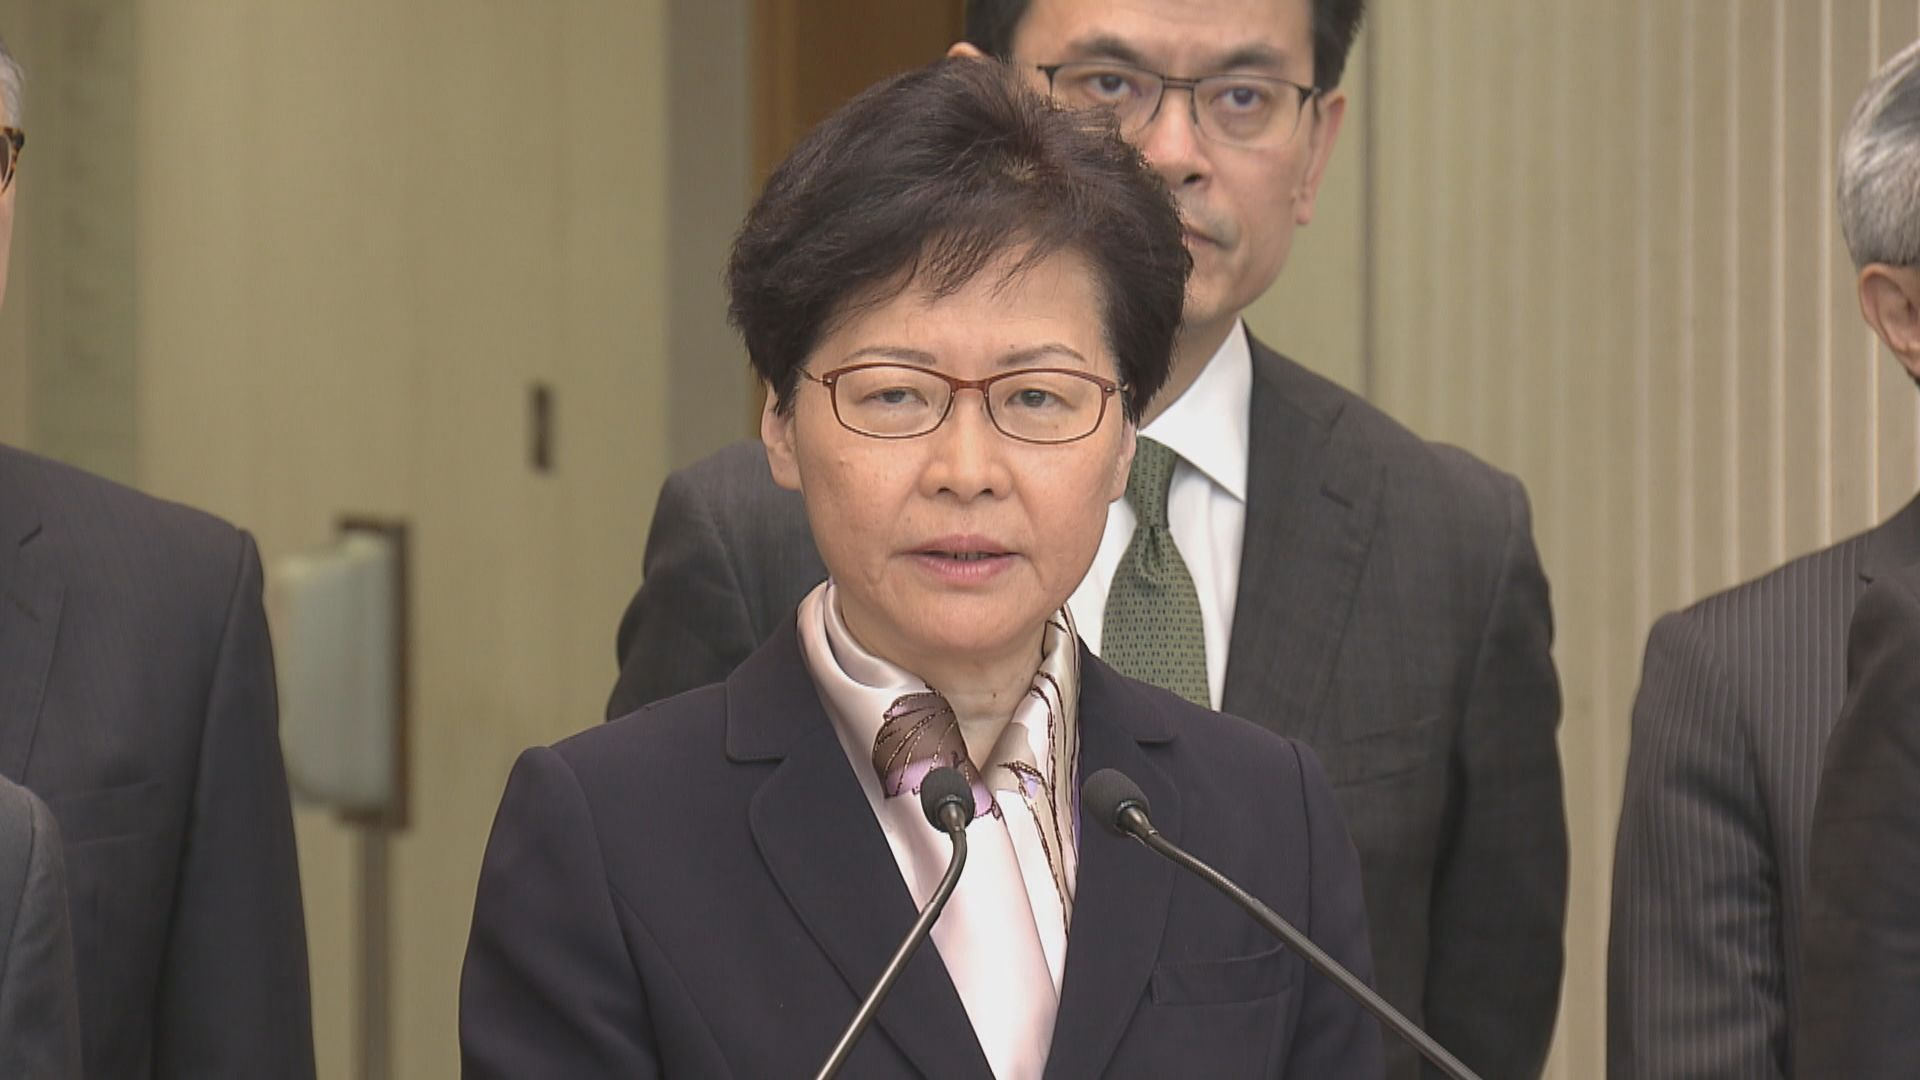 林鄭月娥:玉石俱焚做法令香港踏上不歸路